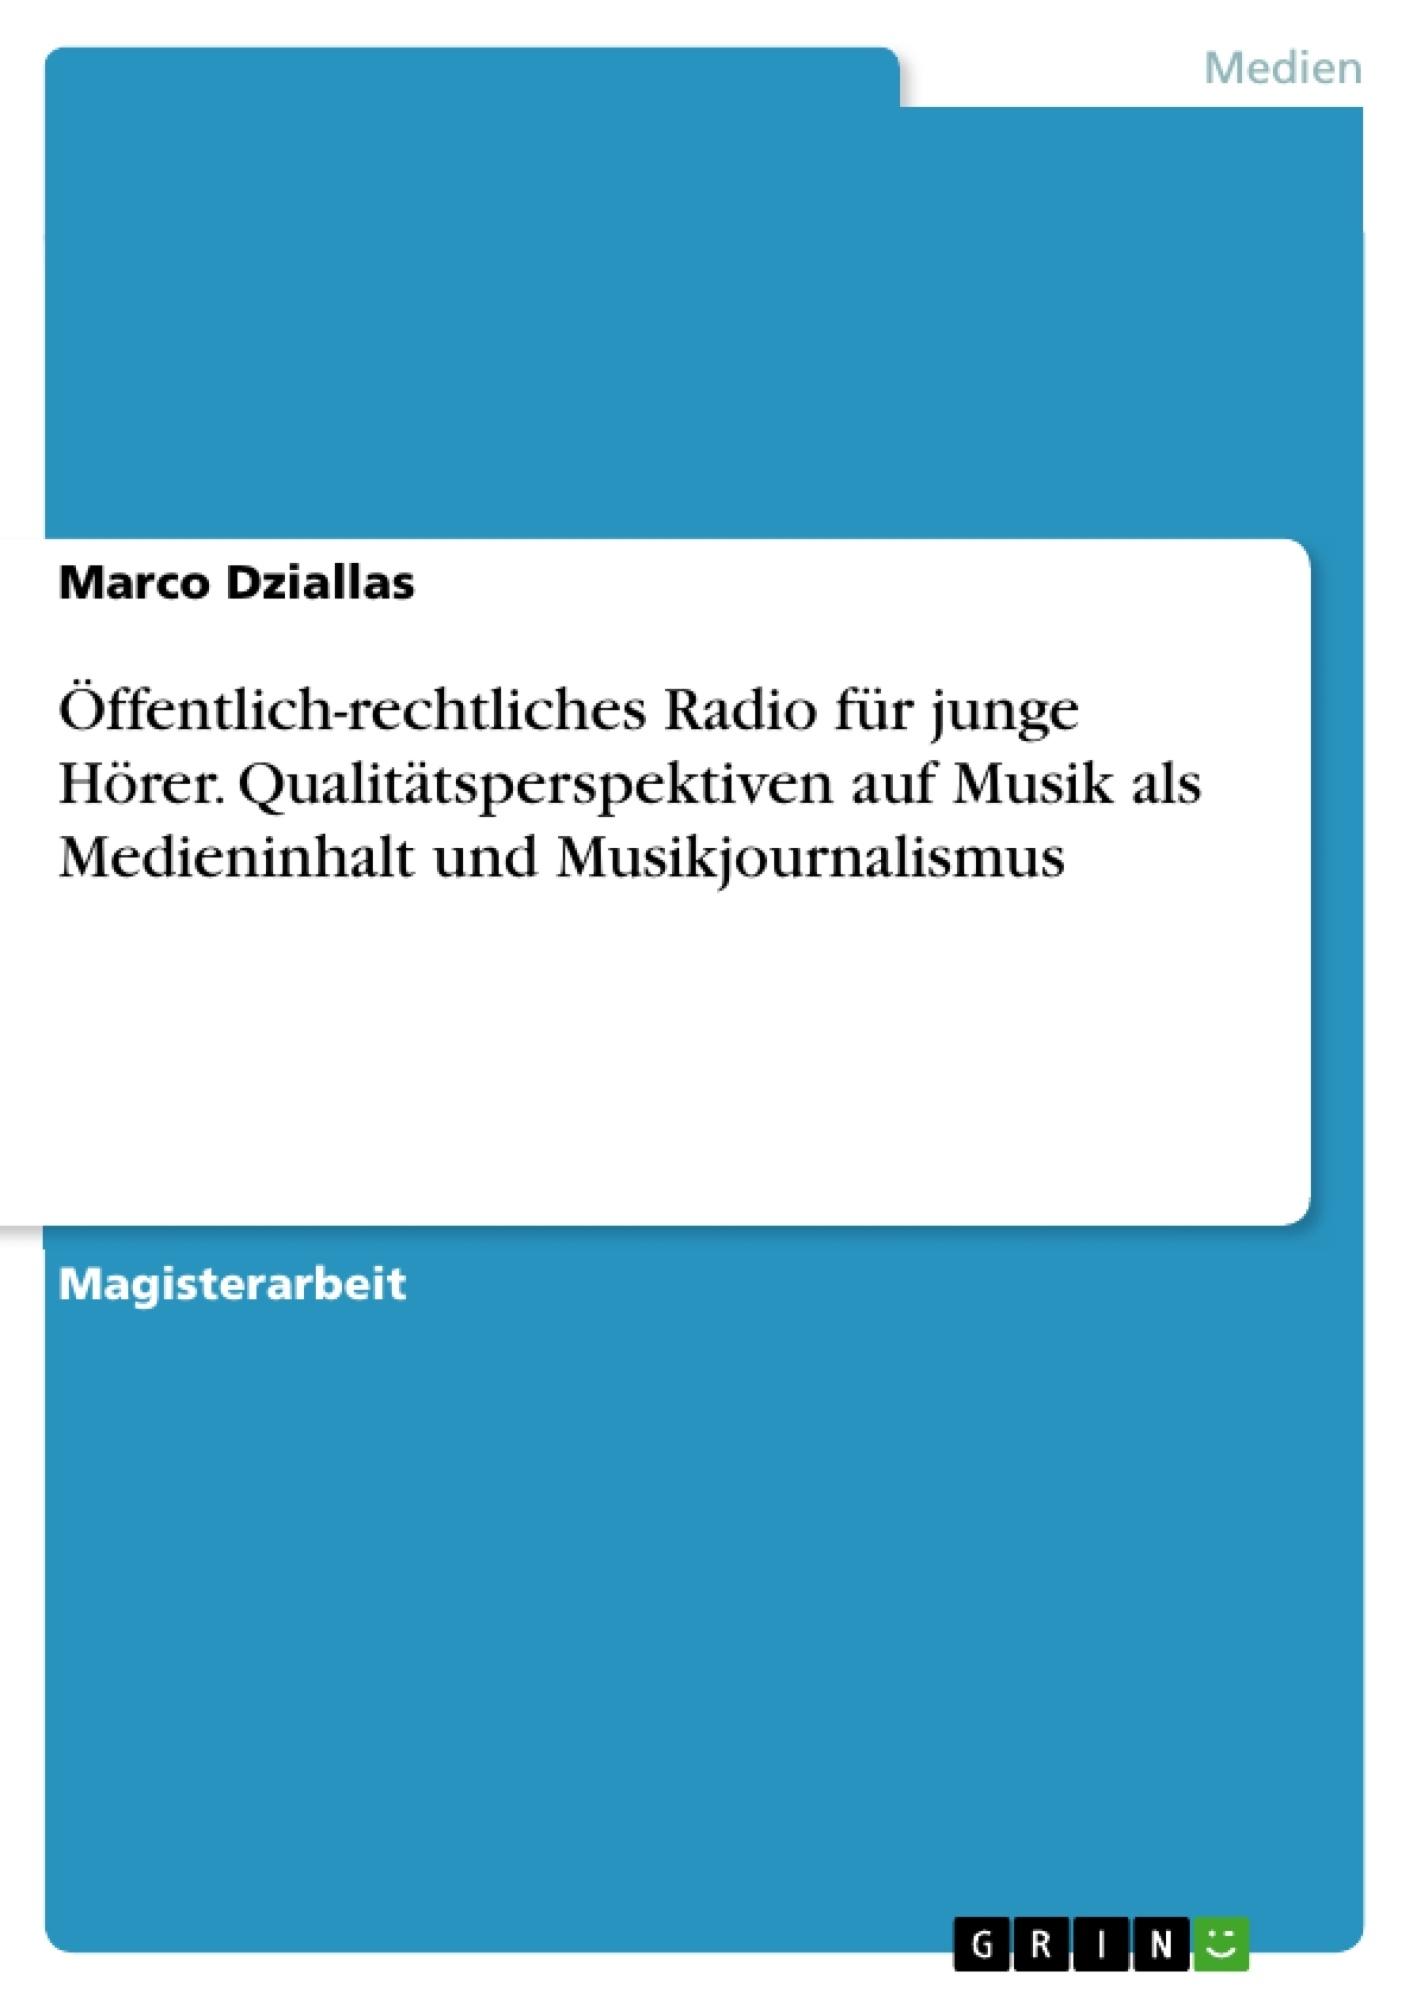 Titel: Öffentlich-rechtliches Radio für junge Hörer. Qualitätsperspektiven auf Musik als Medieninhalt und Musikjournalismus